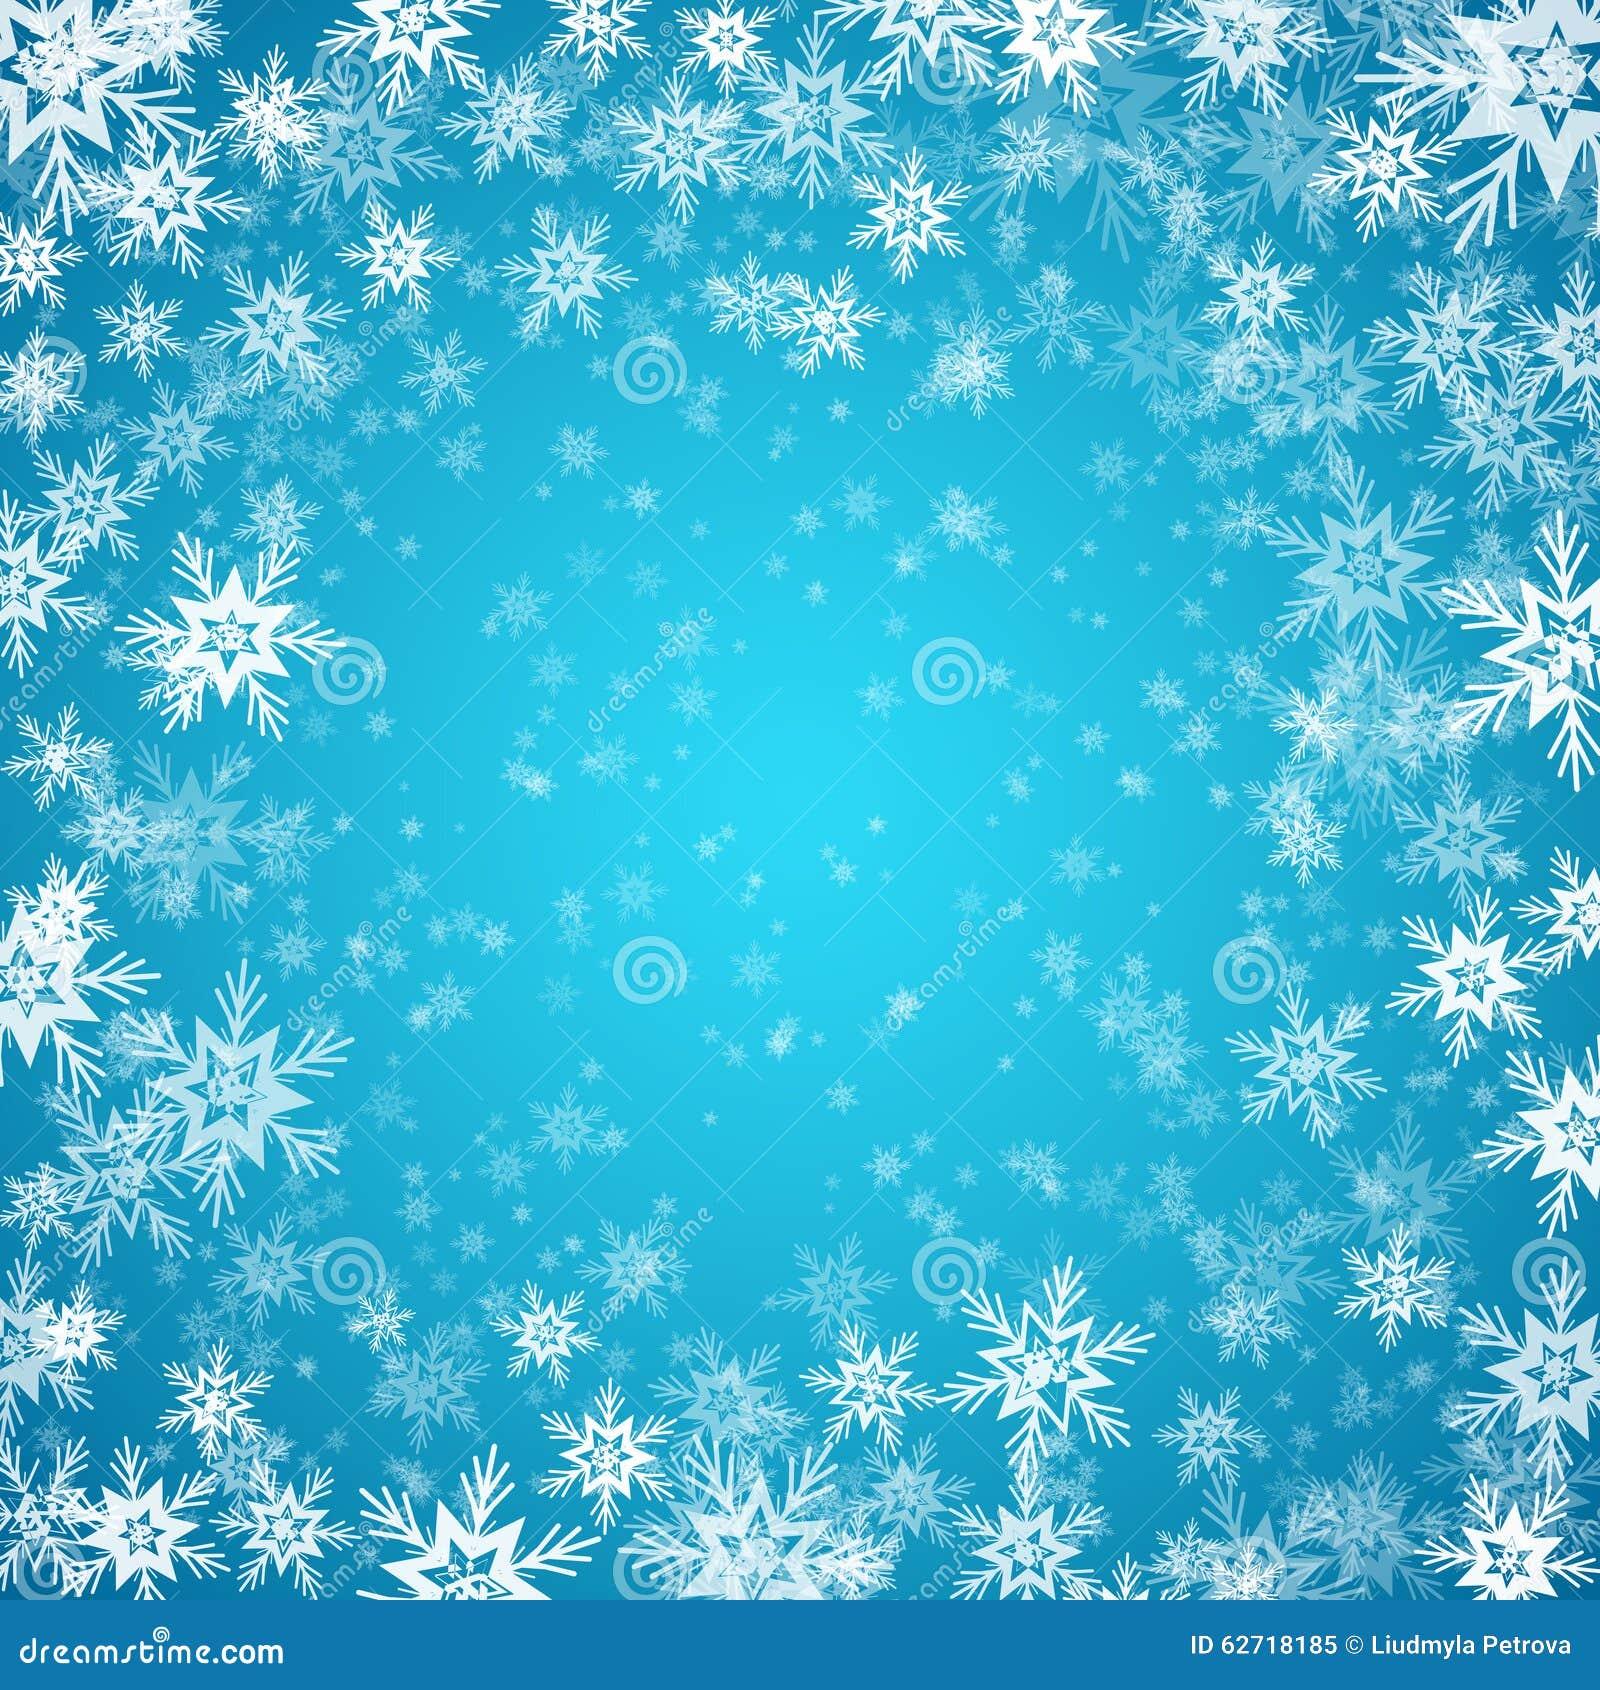 Μπλε ανασκόπηση με snowflakes διάνυσμα